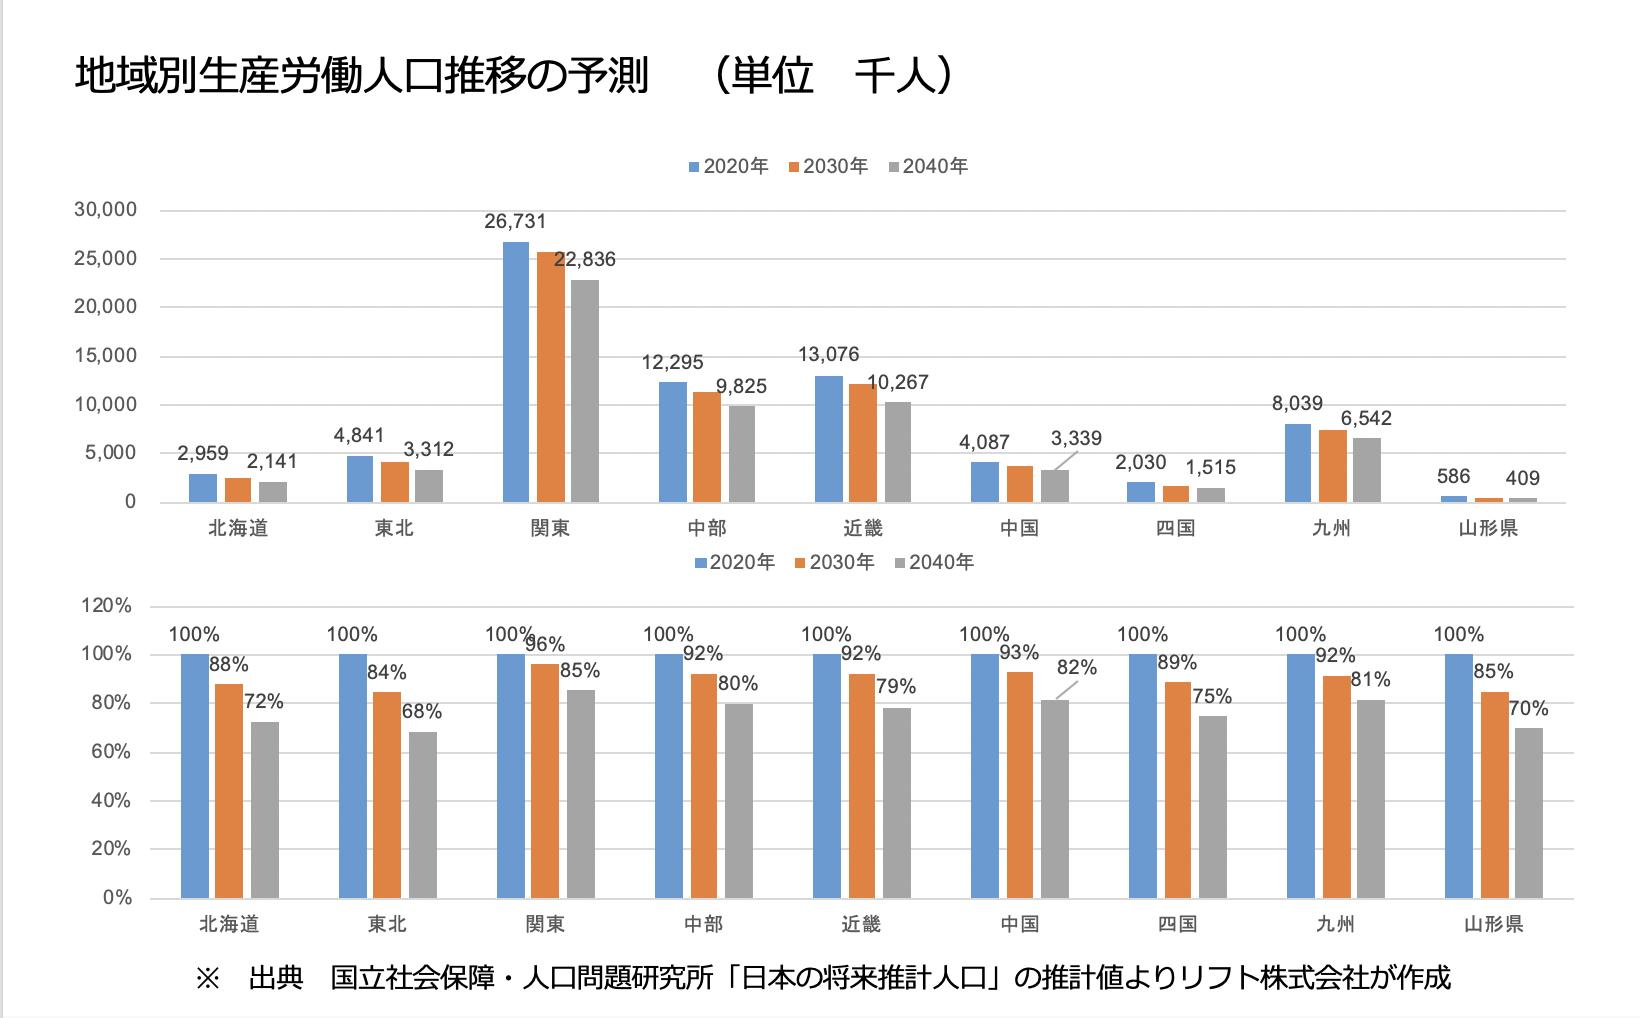 地域別生産労働人口推移の予測